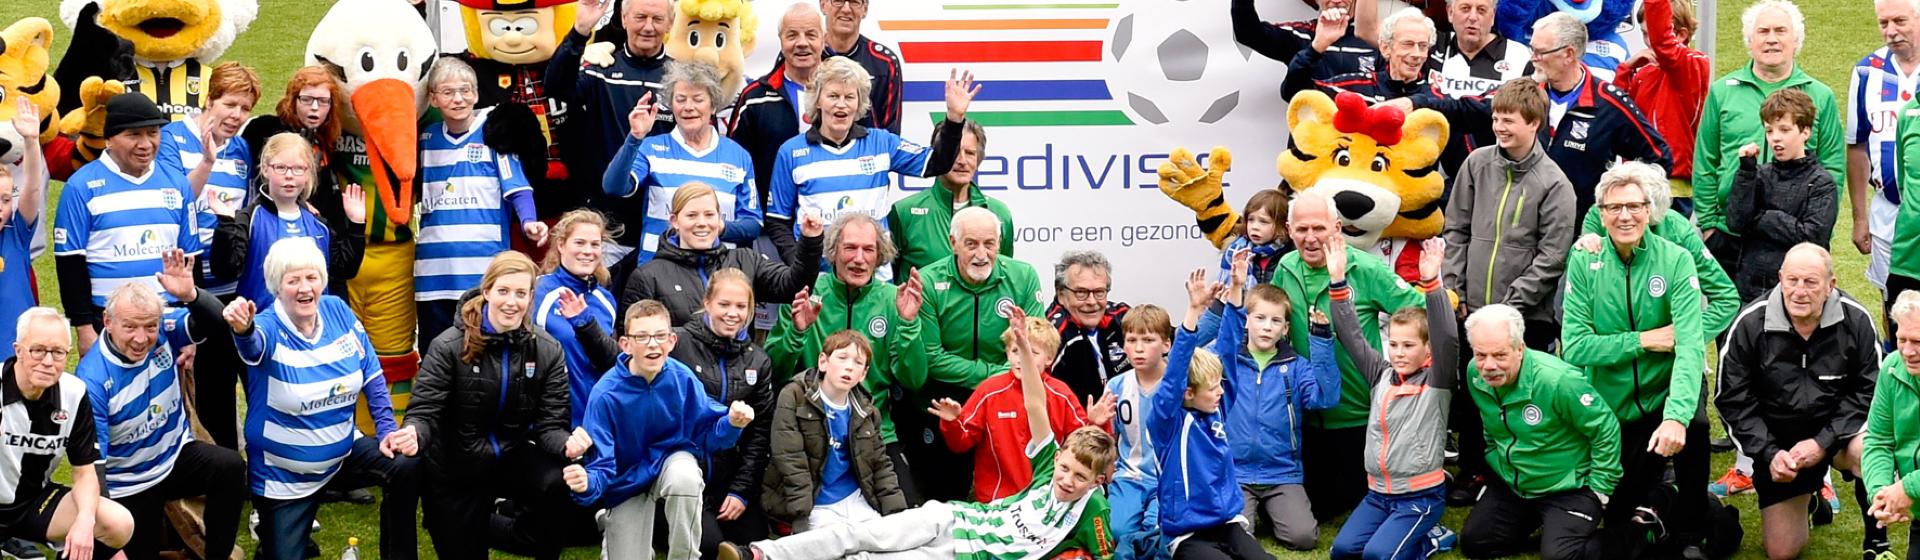 Eredivisie header